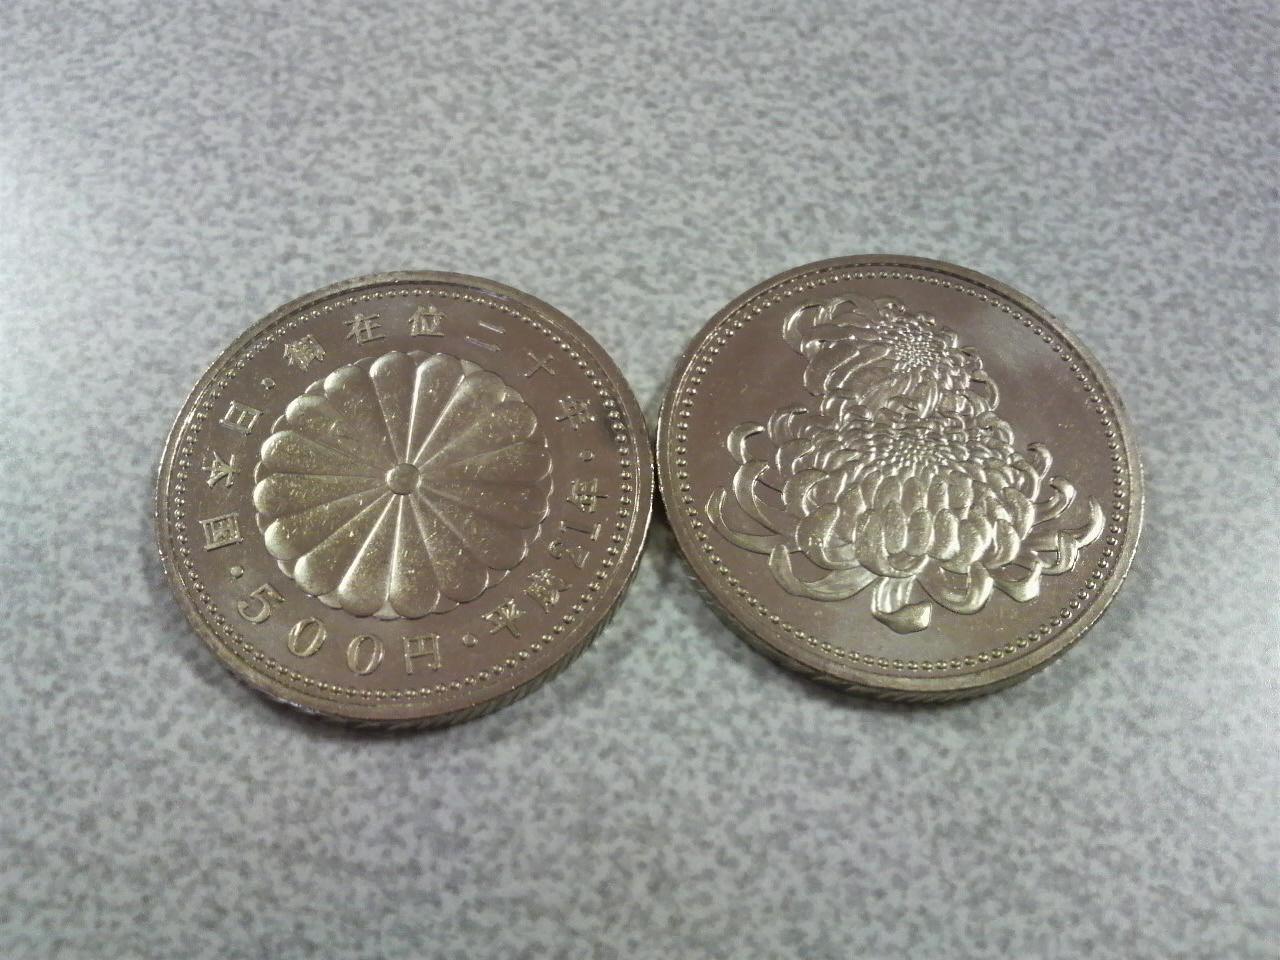 天皇陛下即位20年記念500円貨幣